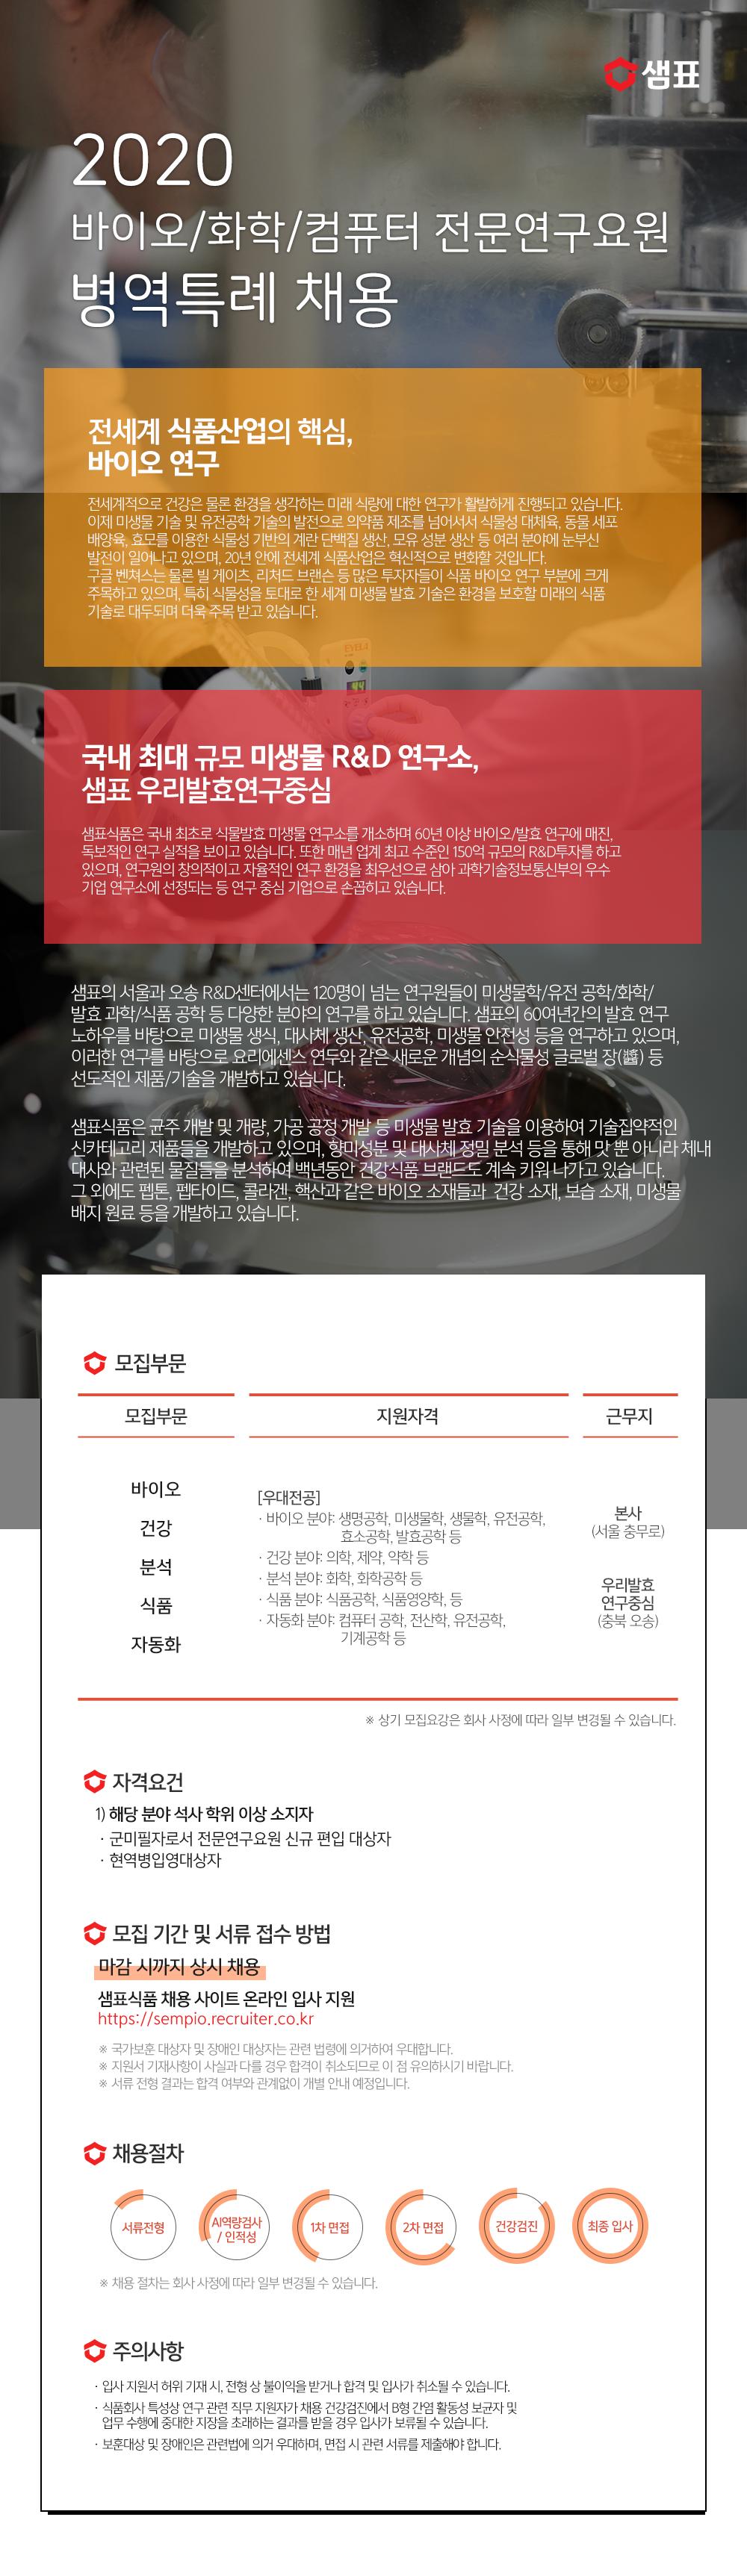 샘표식품_2020 전문연구요원채용공고.png